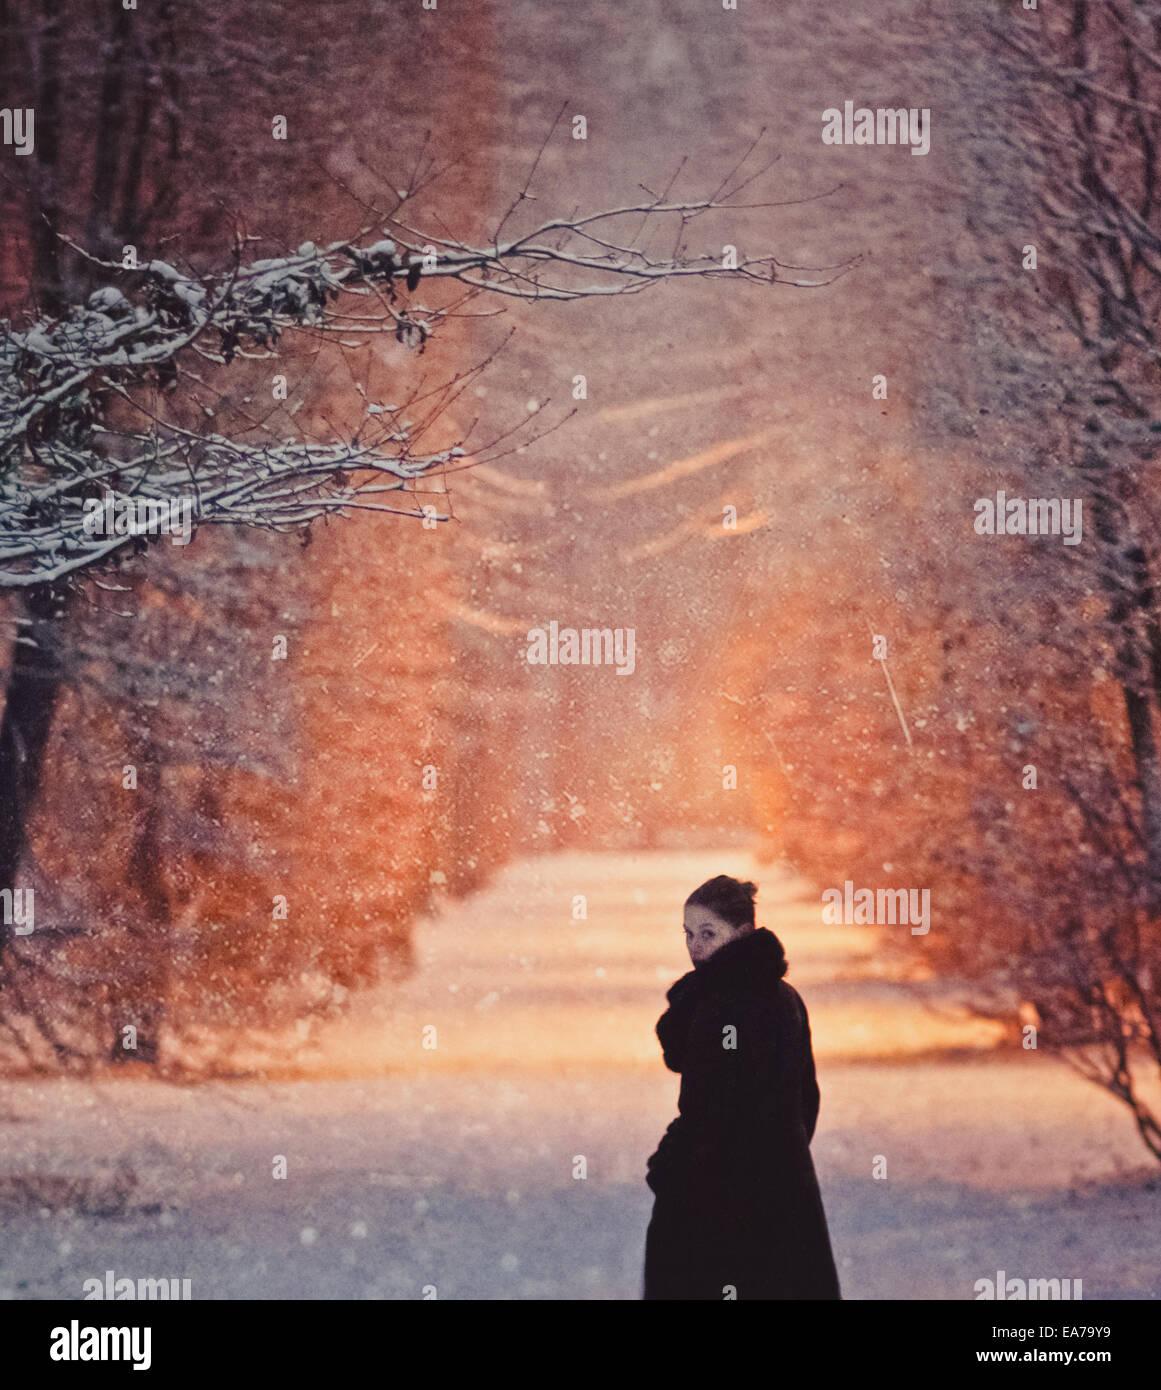 Une promenade dans un parc enneigé Photo Stock